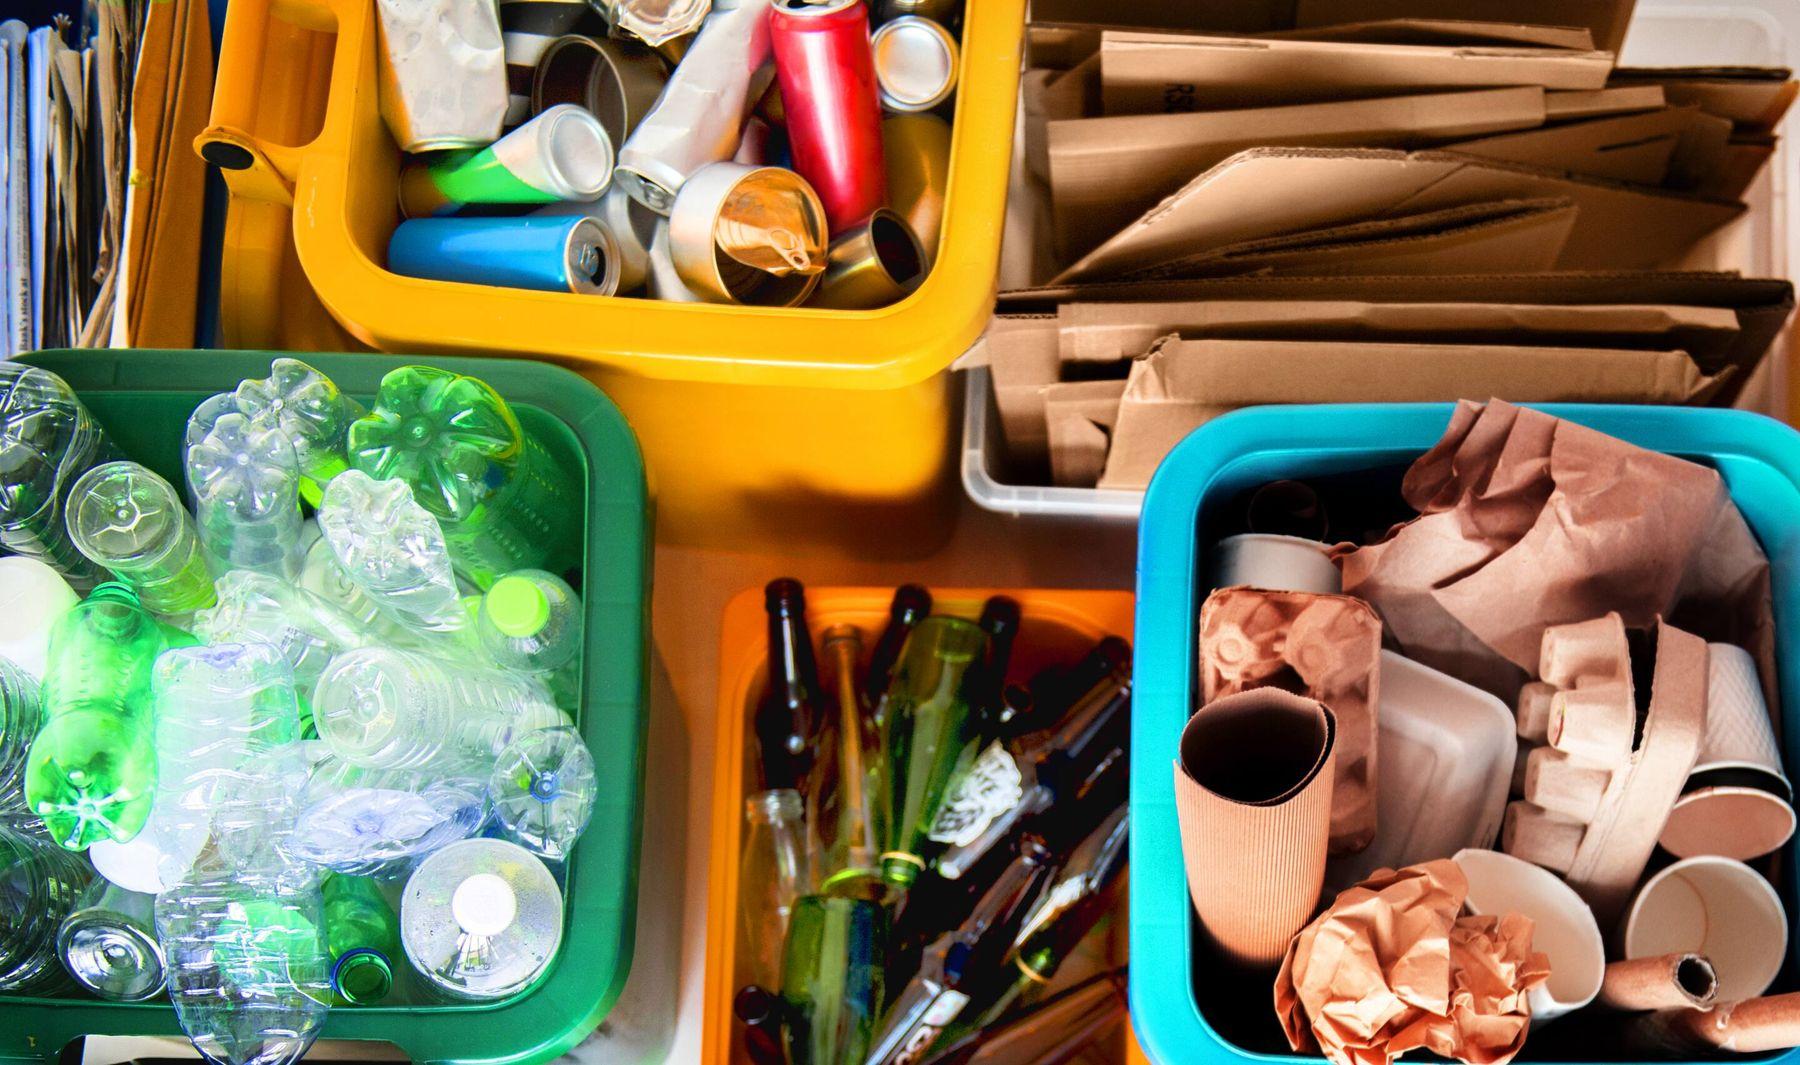 Xử lý rác thải trong gia đình nhanh chóng